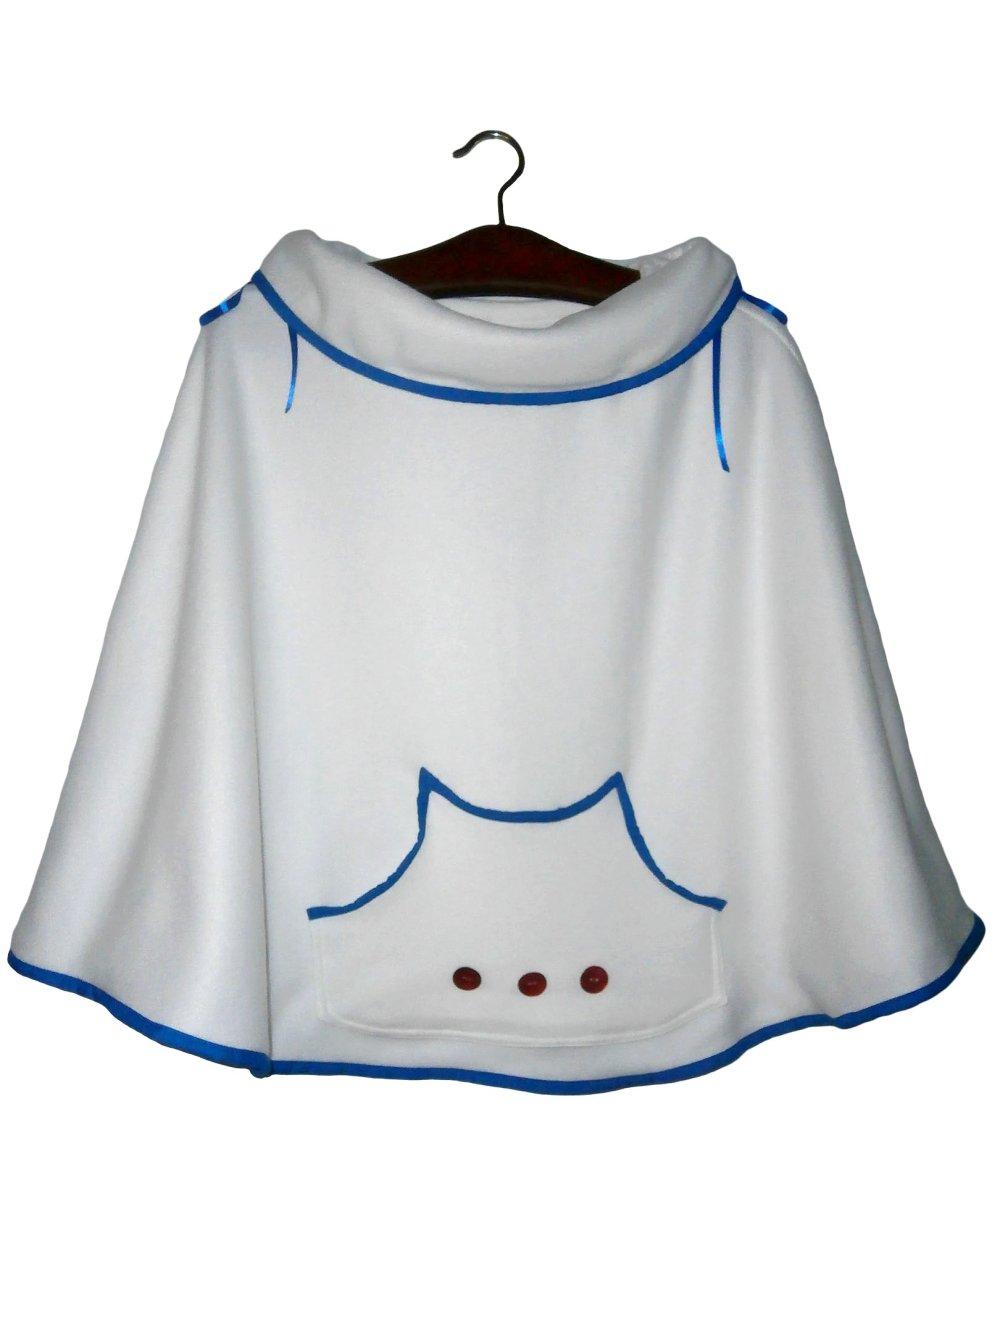 Poncho fillette 7-8ans, polaire douillet blanc neige et coton bleu roi, poche kangourou, boutons nacrés rouges